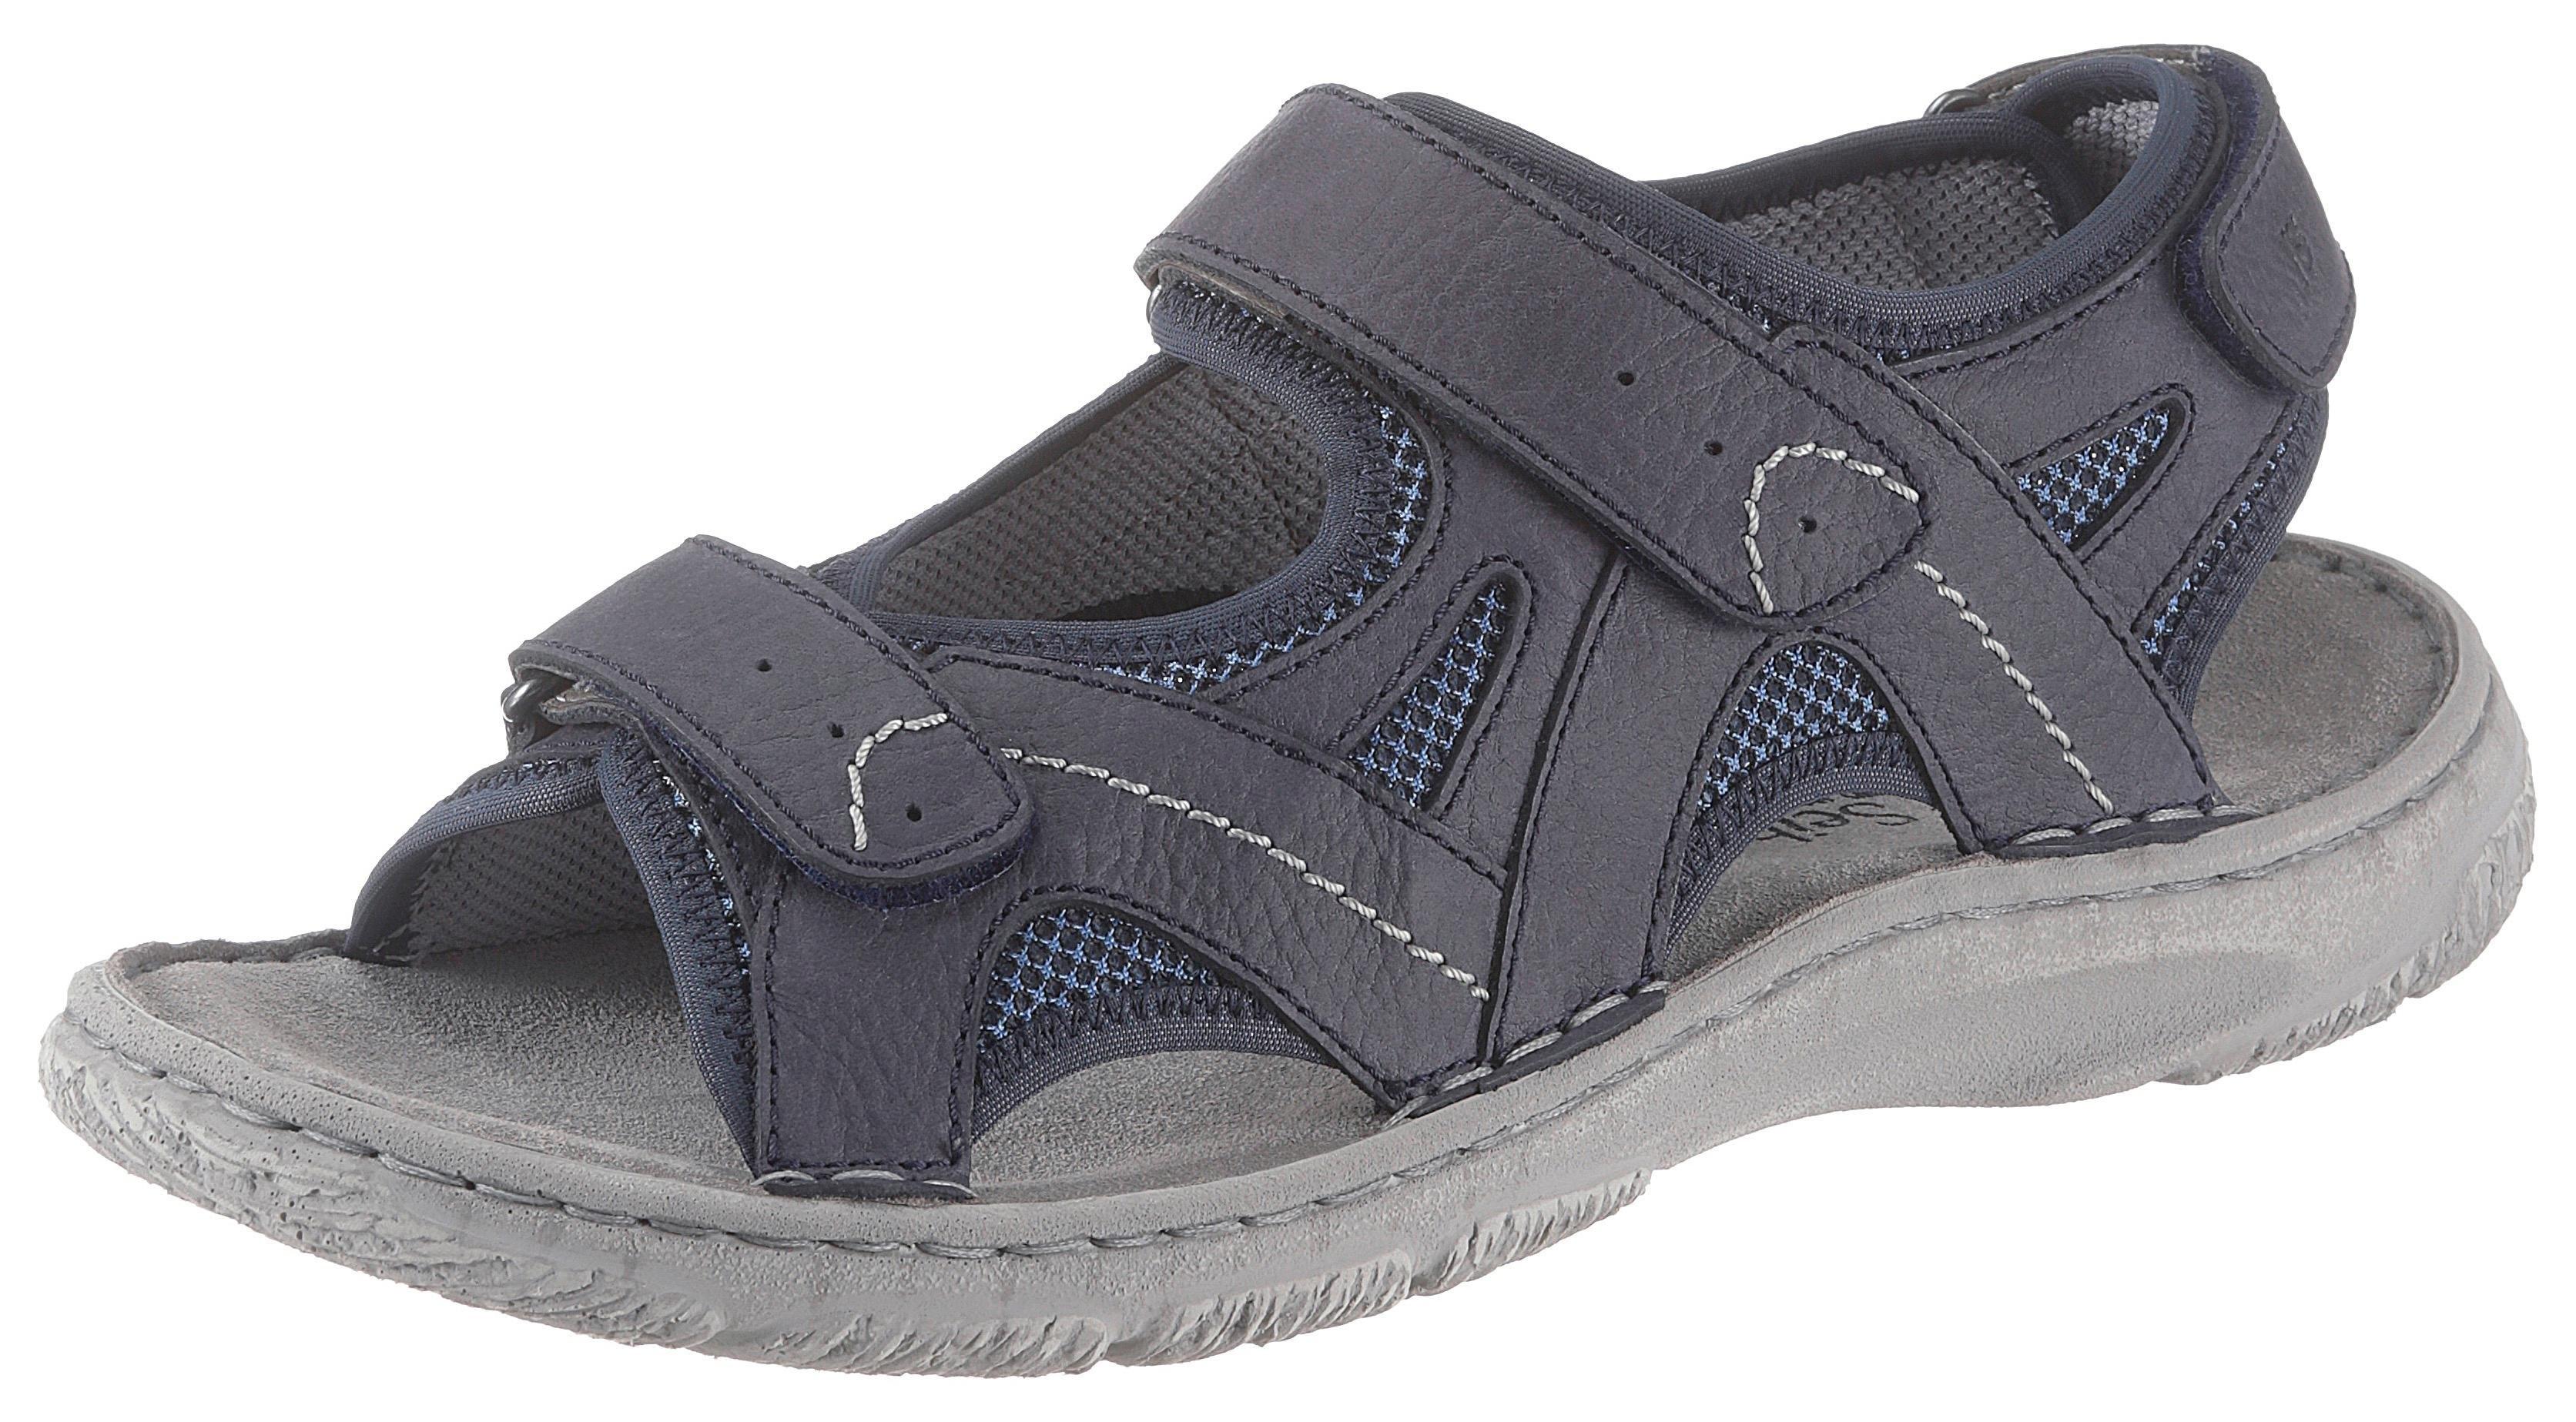 Josef Seibel sandalen »Carlo« bestellen: 30 dagen bedenktijd